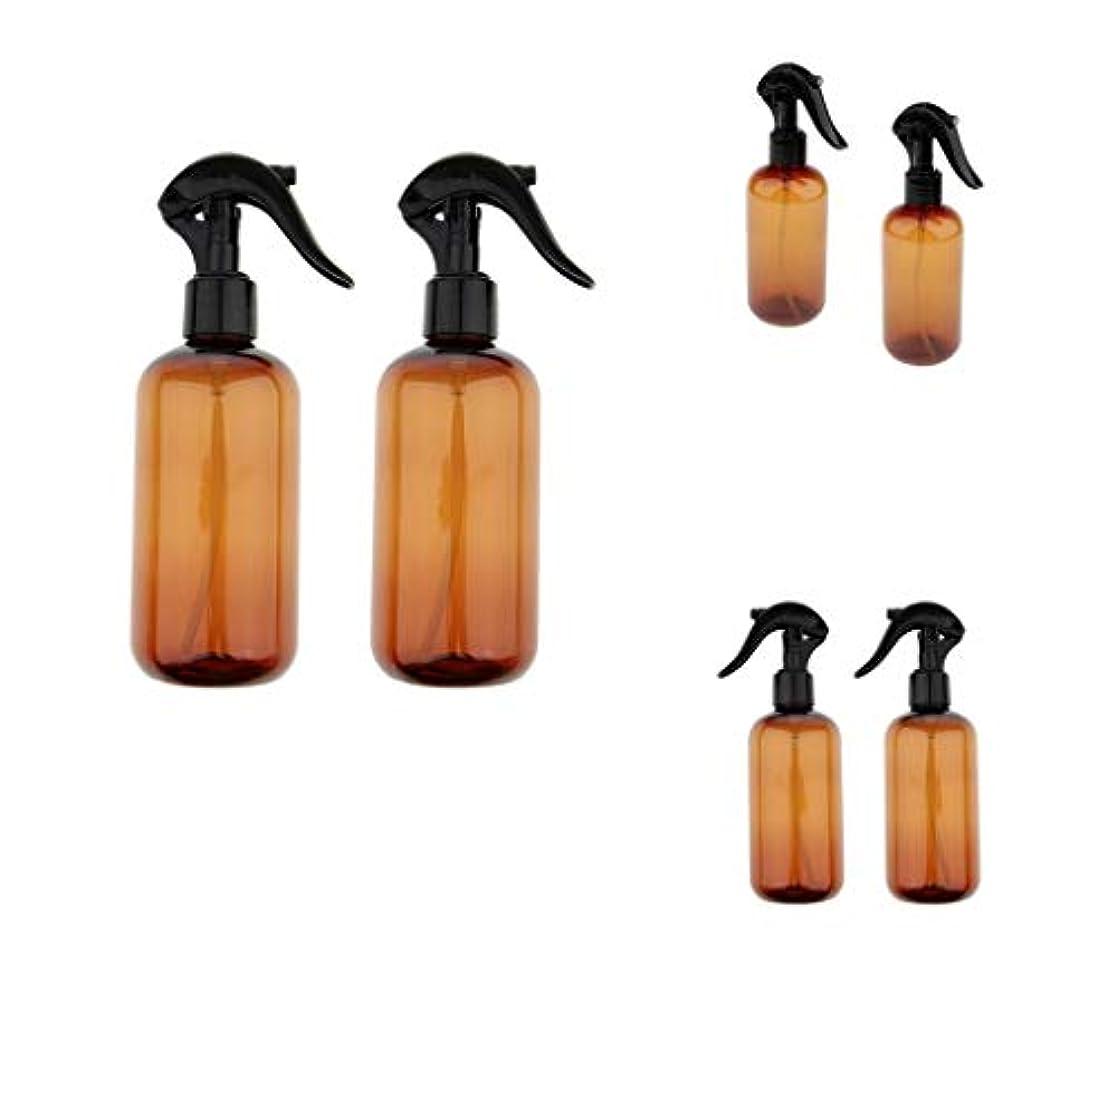 沿って菊ロケットPerfeclan 液体用空ボトル 押し式詰替用ボトル 詰替え容器 霧吹き 空ボトル スプレーボトル 遮光瓶 6個入り